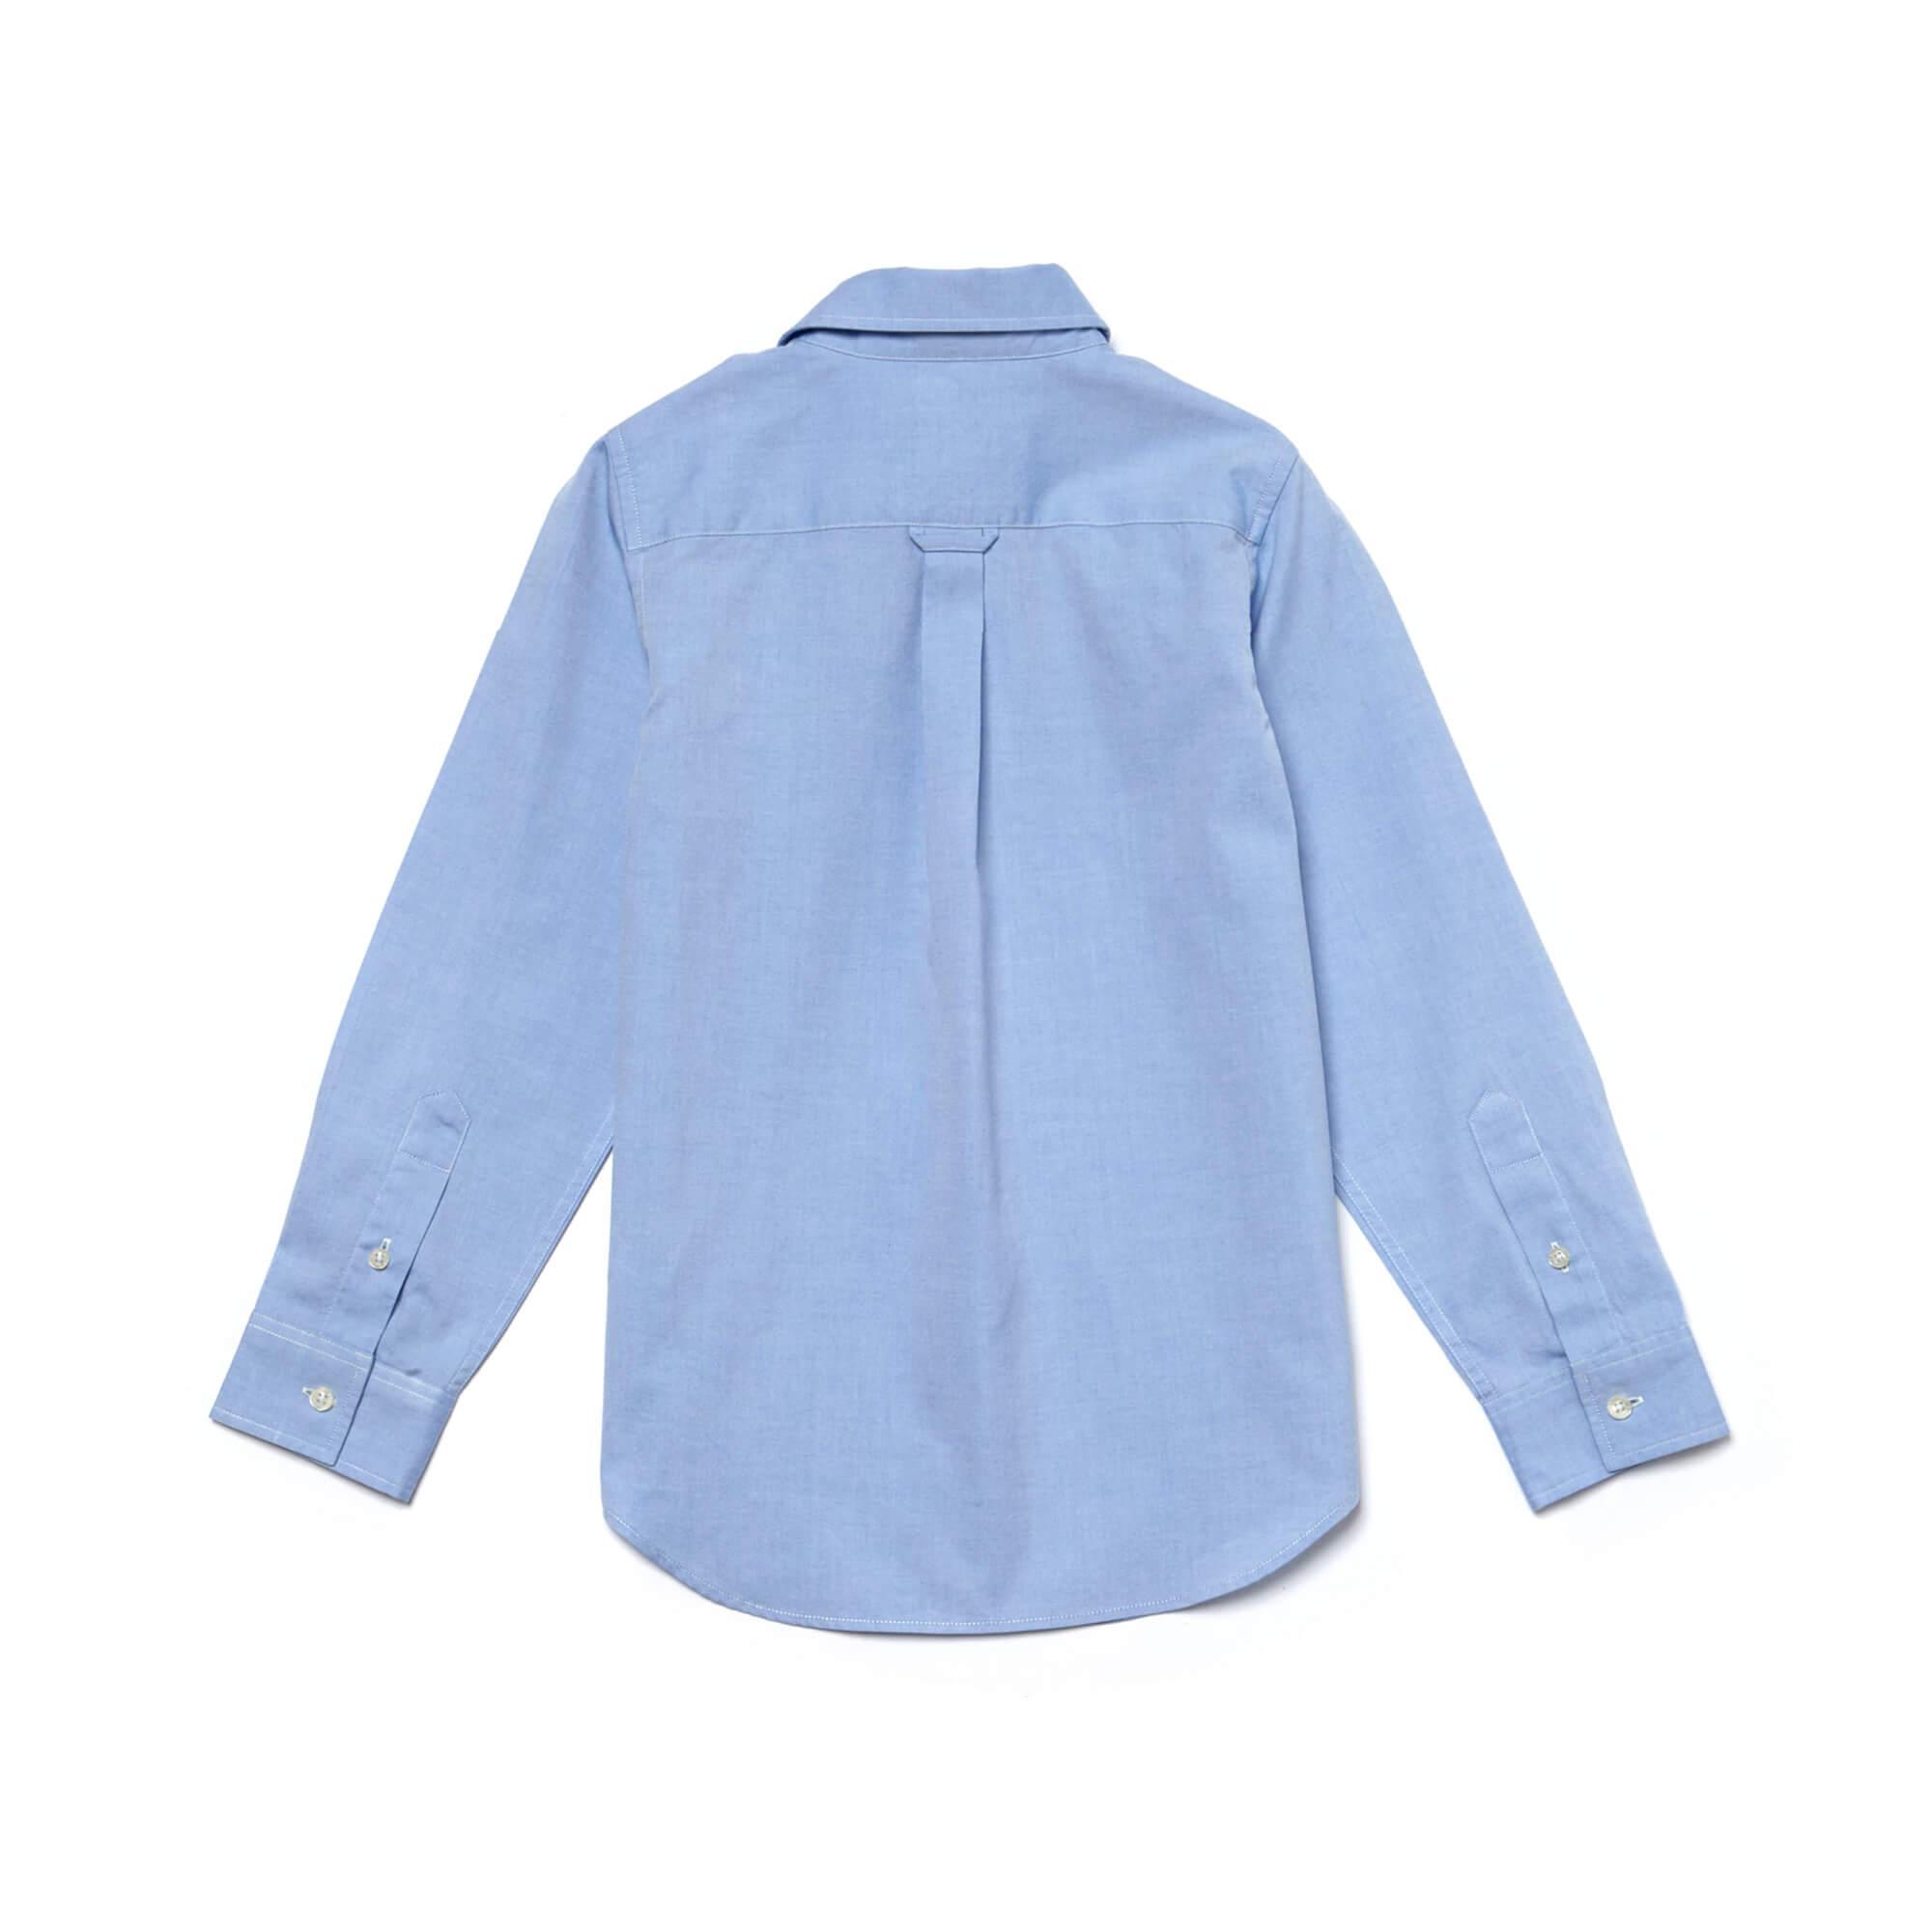 Lacoste Çocuk Mavi Gömlek